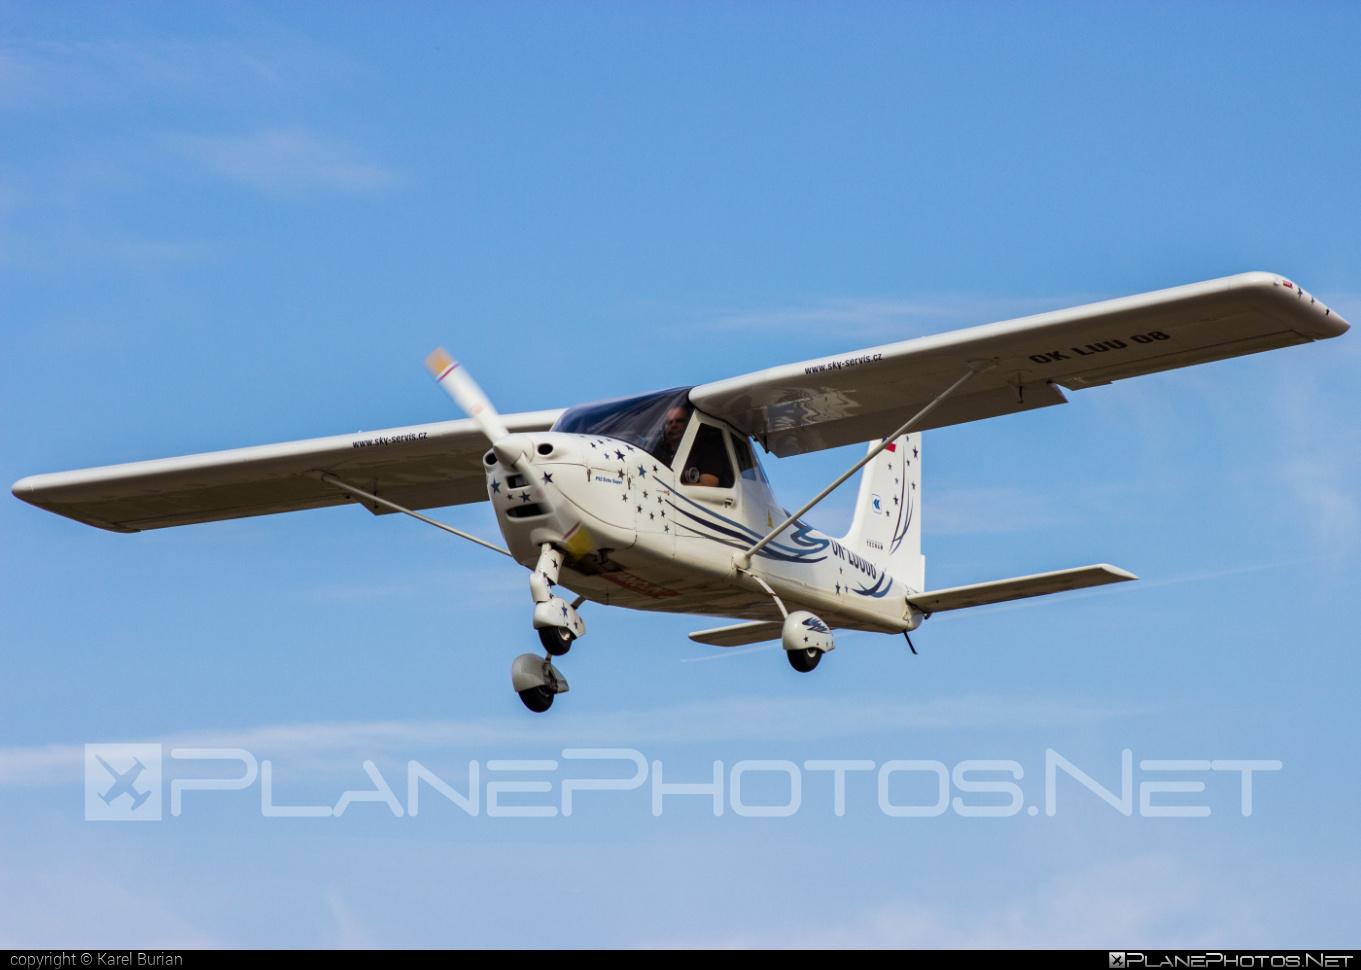 Tecnam P92 Echo Super - OK-LUU 08 operated by Private operator #tecnam